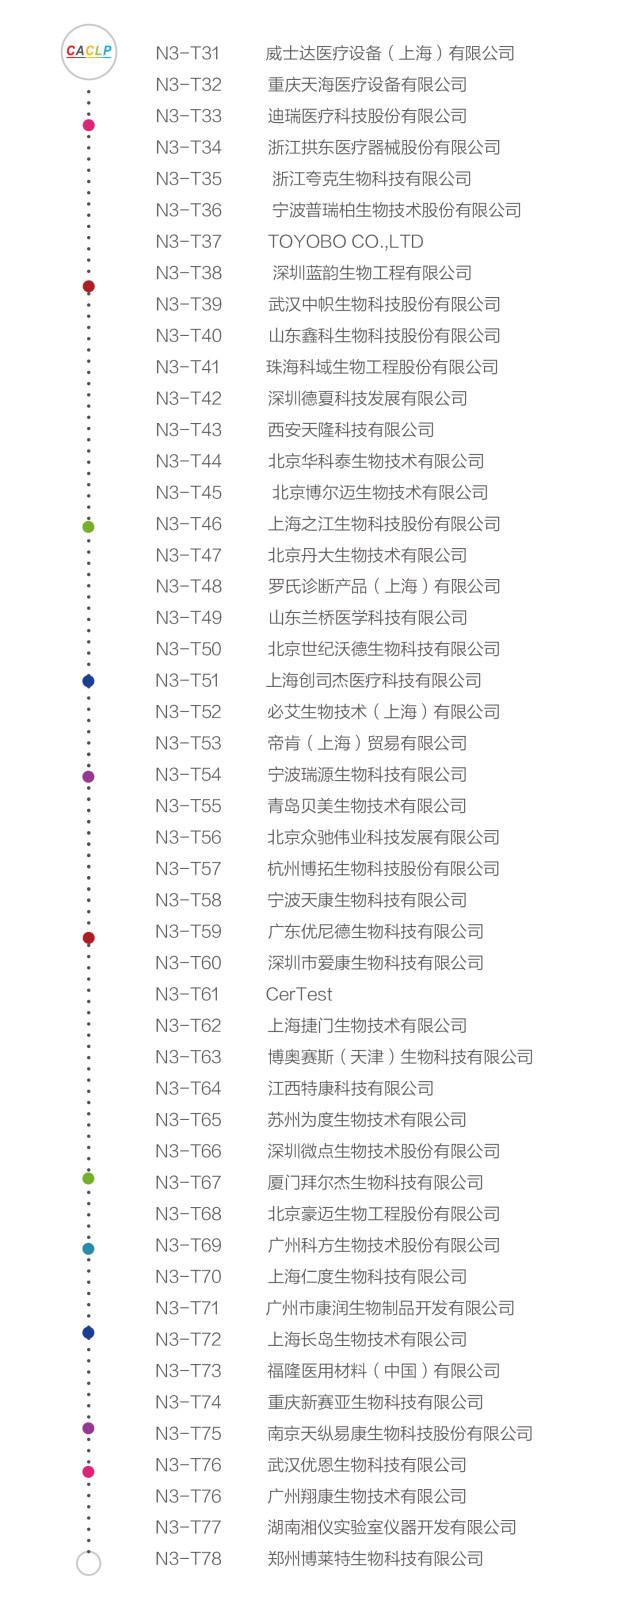 展商名录内页-微信版2018-2-24-3.jpg